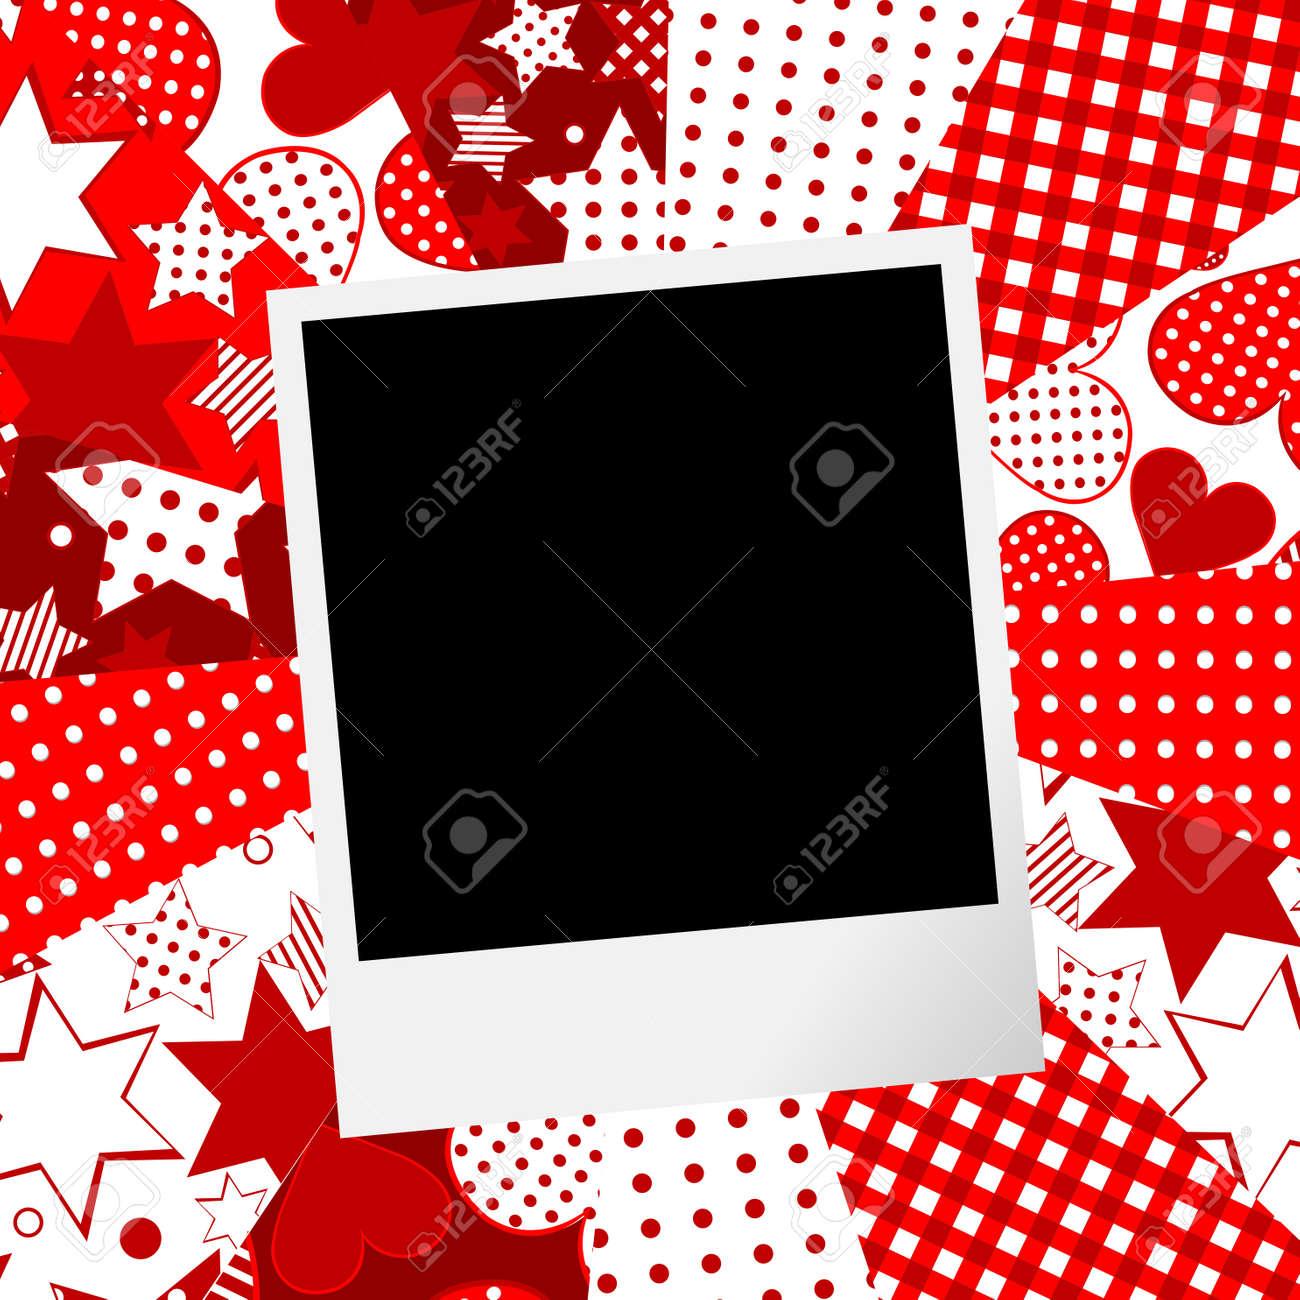 Album Seite Für Sammelalbum Mit Fotorahmen Und Die Liebe Motive ...